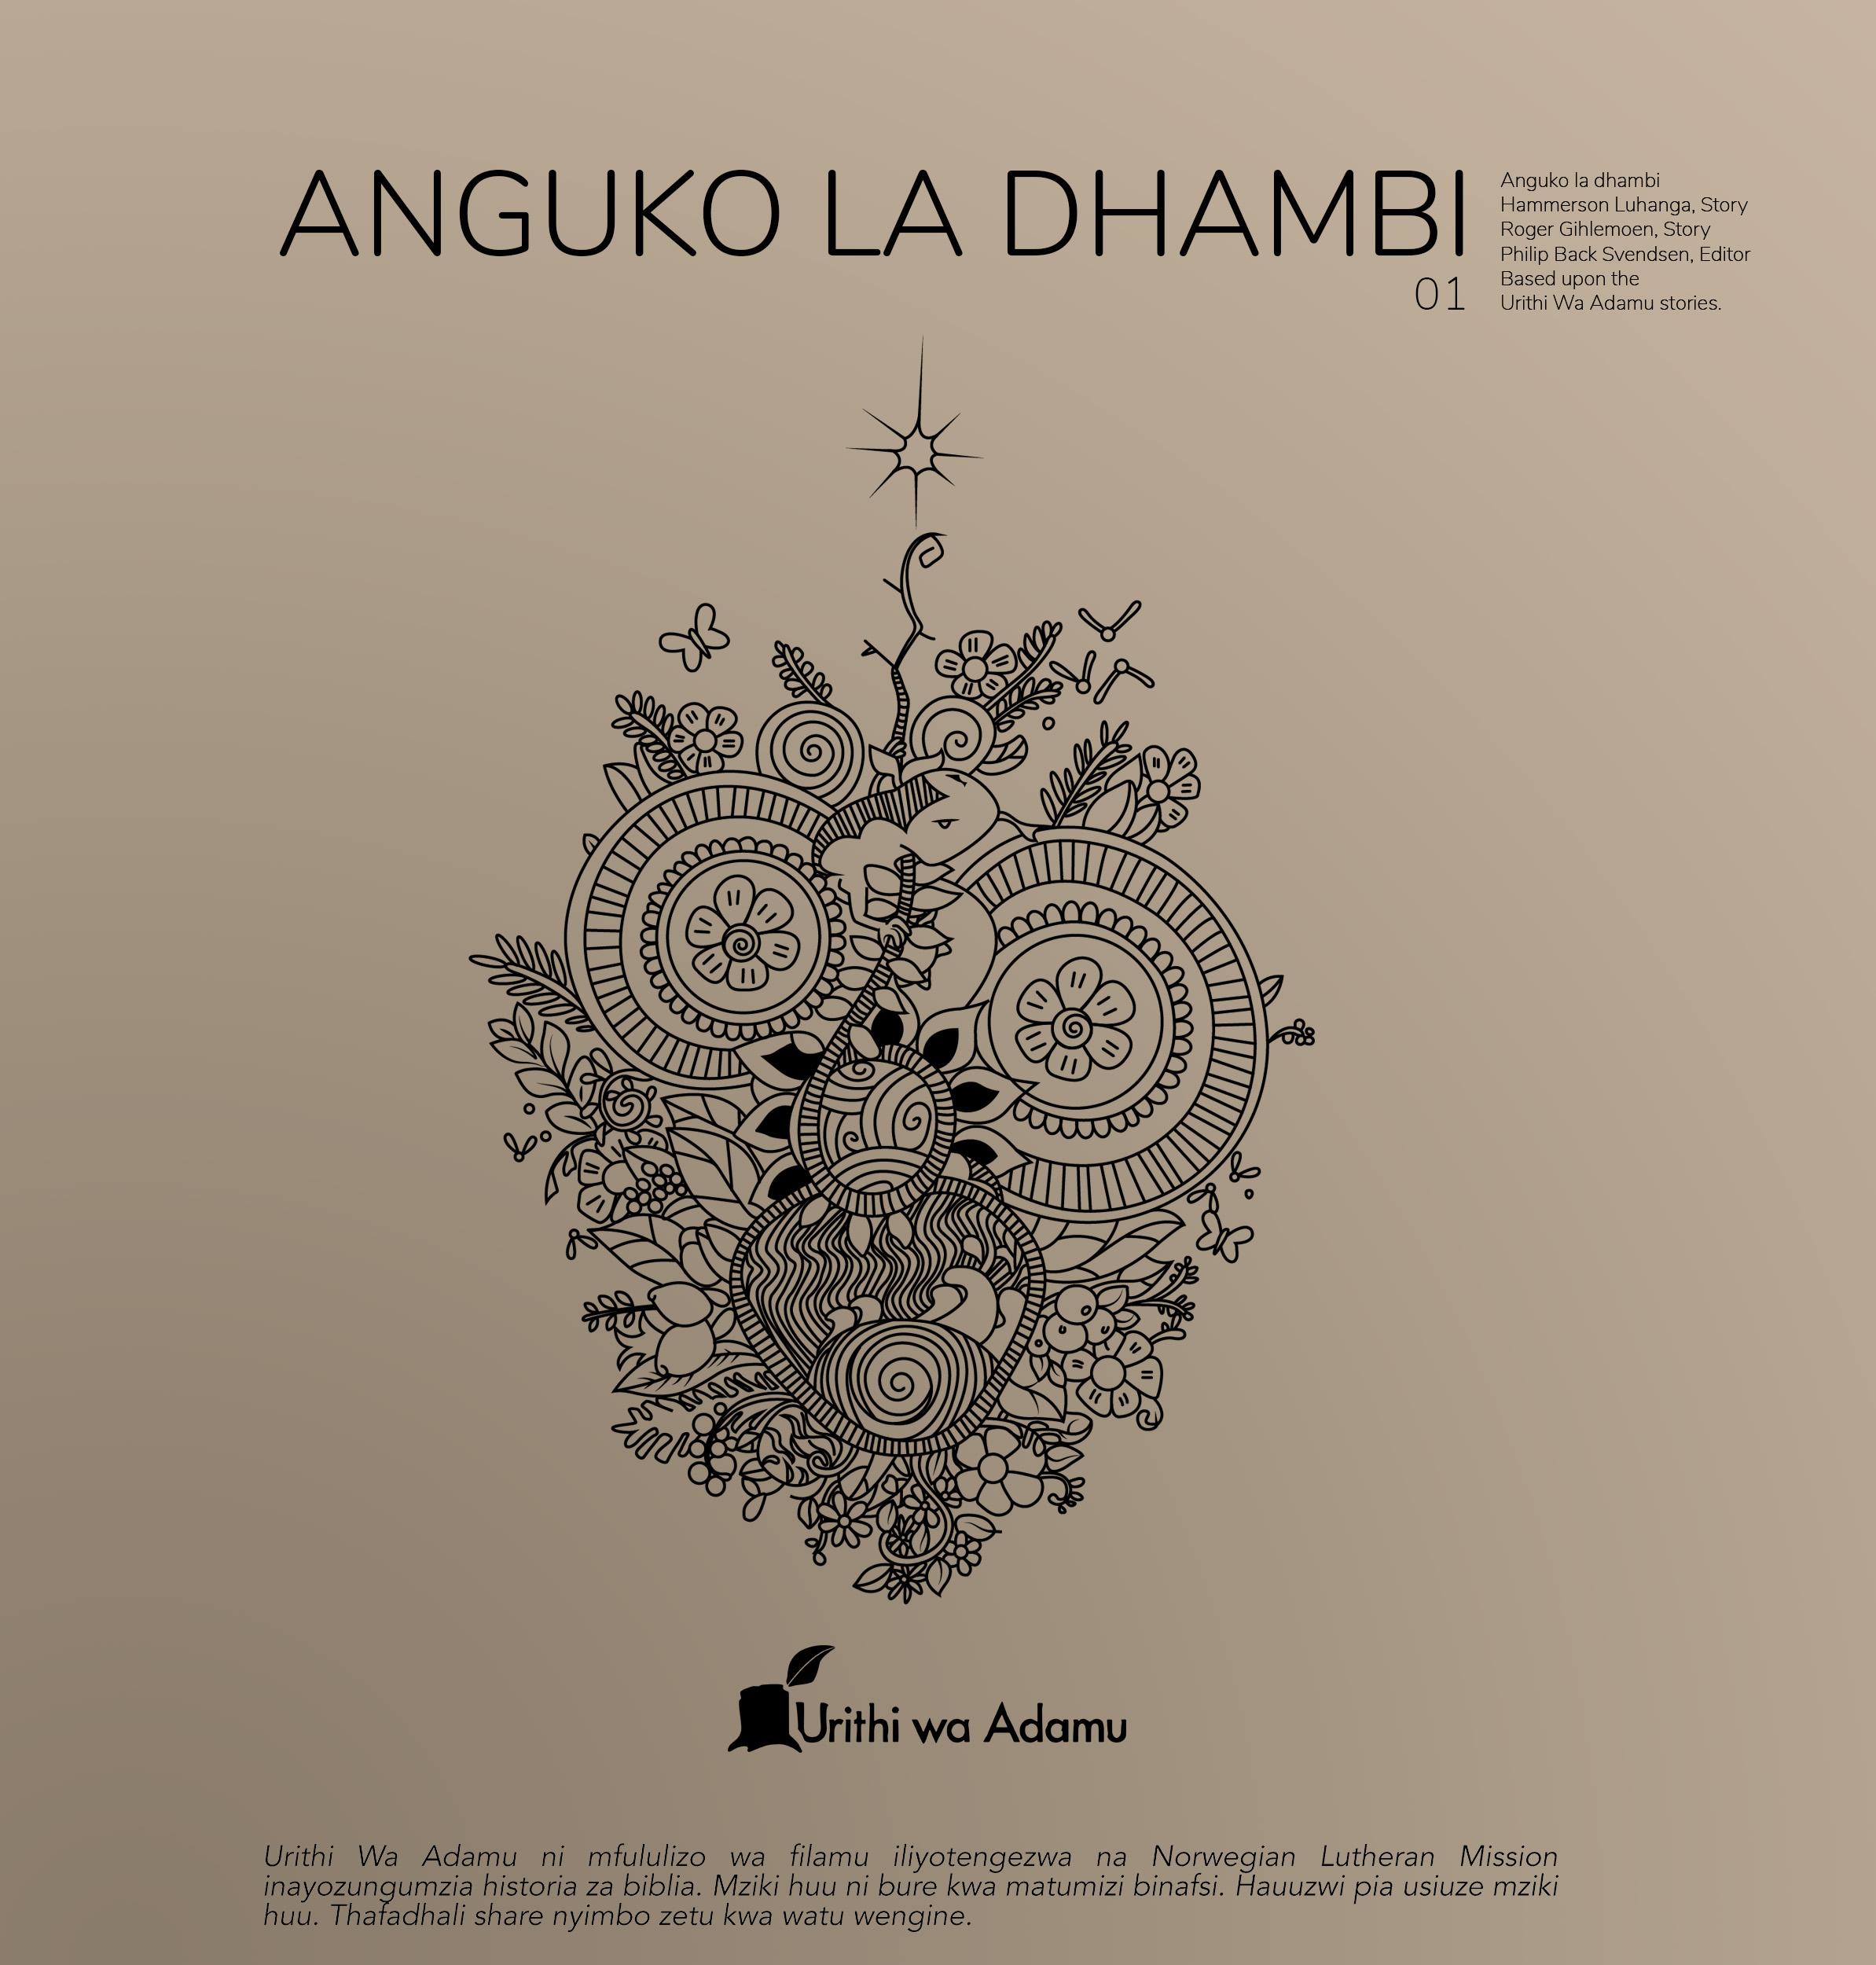 AngukoLaDhambi_Radio_01.jpg